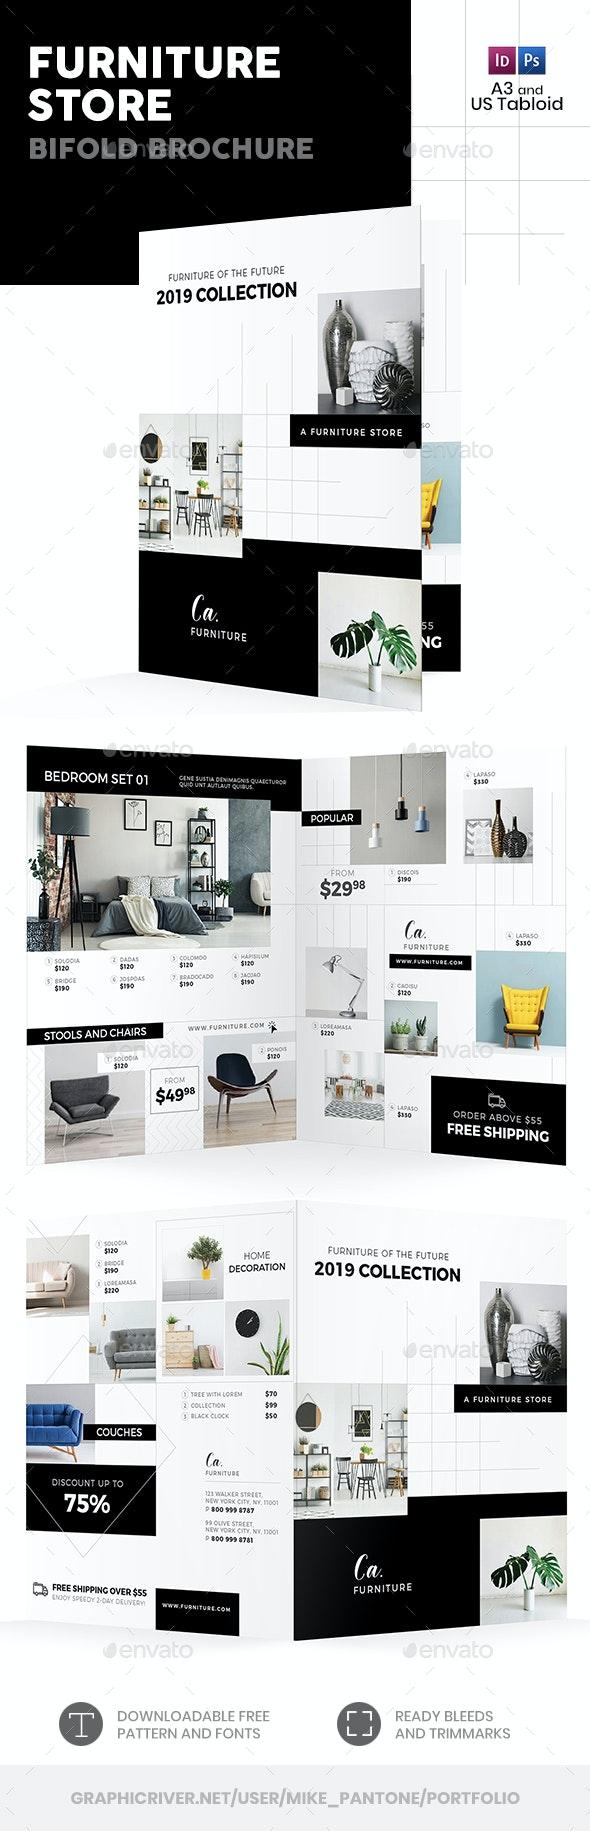 Furniture Store Bifold / Halffold Brochure 4 - Informational Brochures